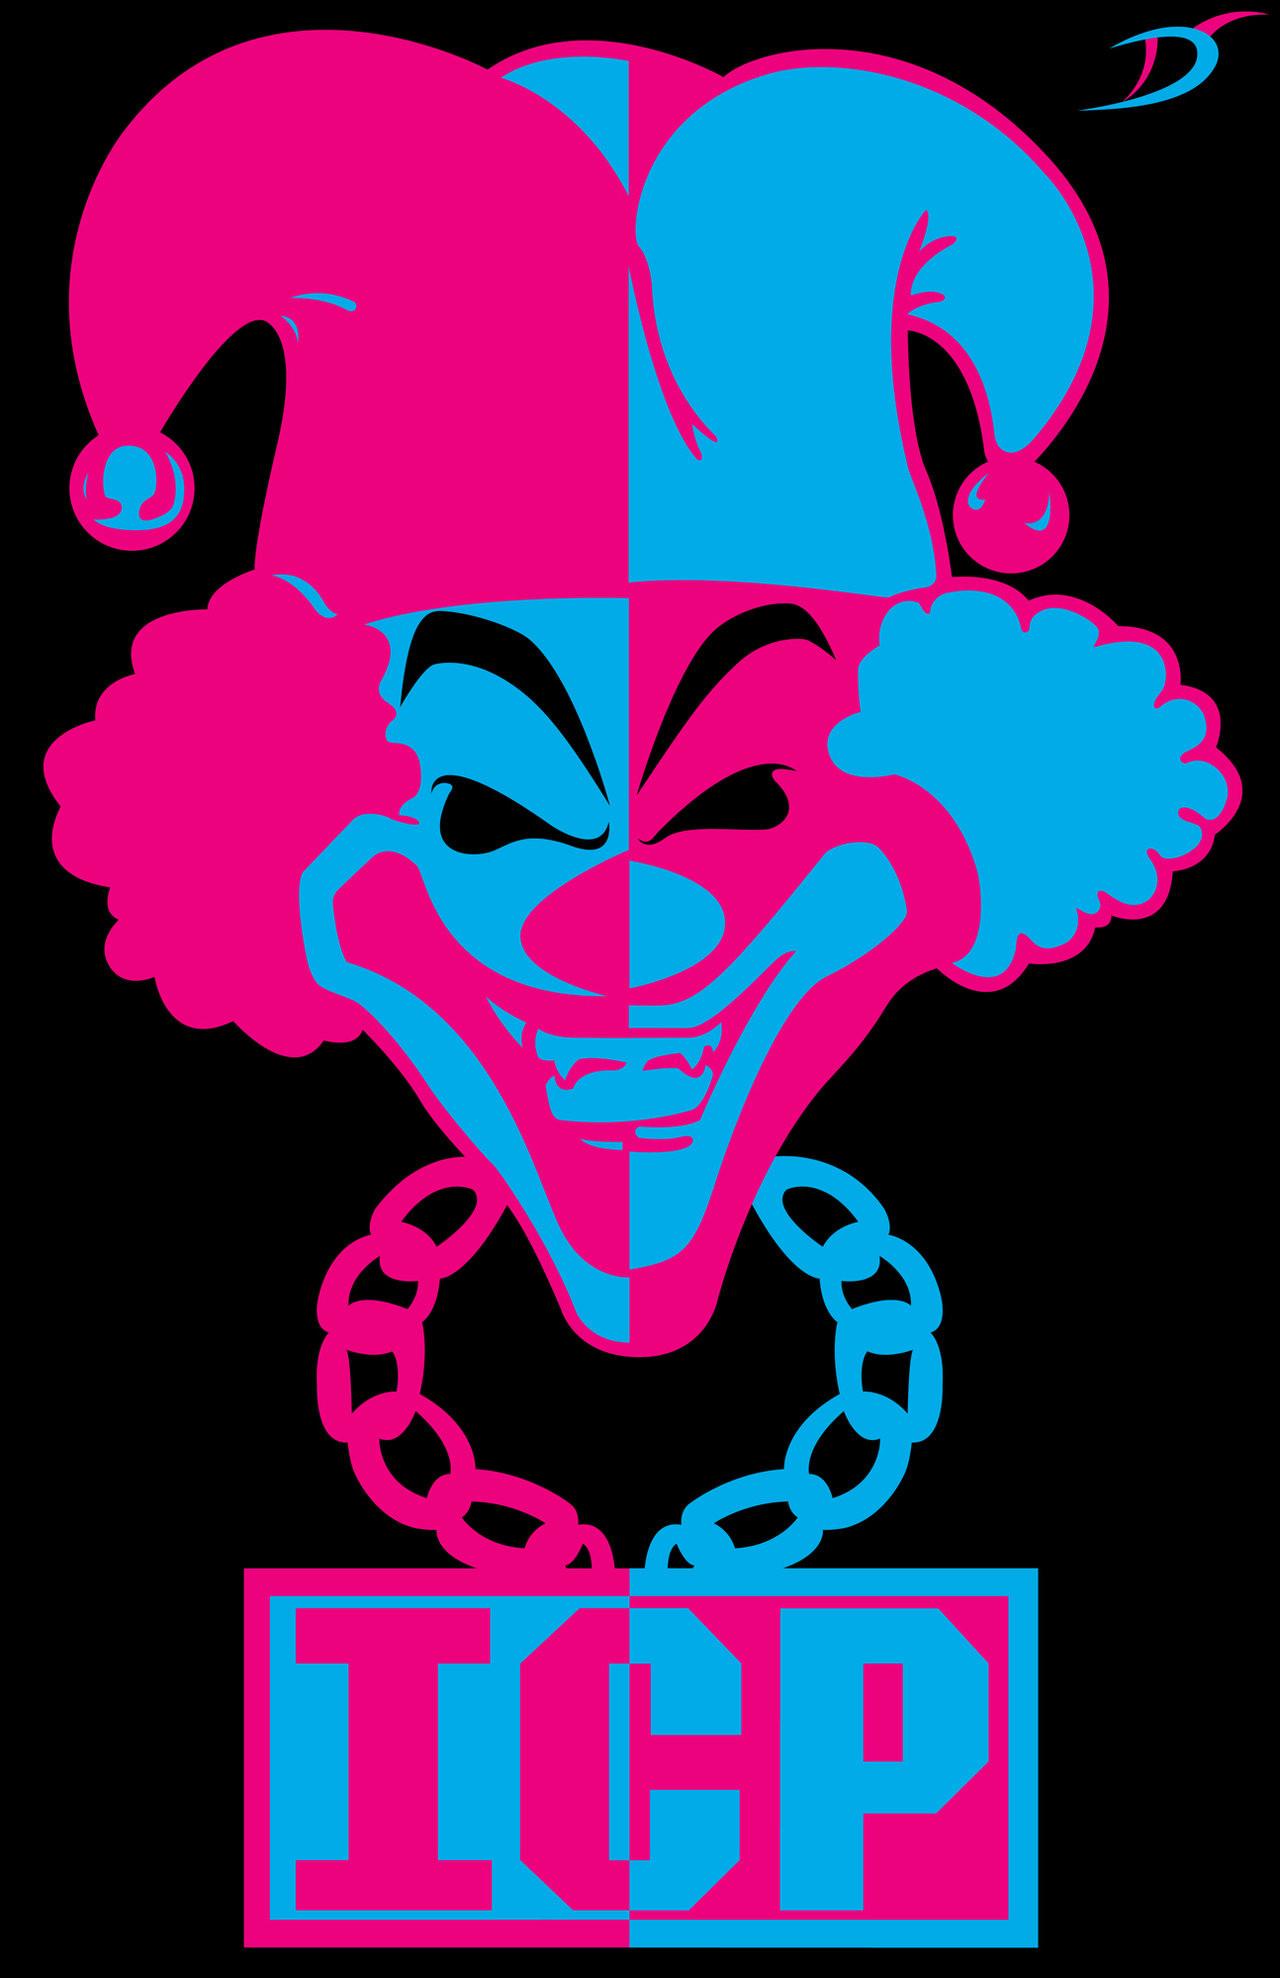 icp joker cards wallpaper 64 images